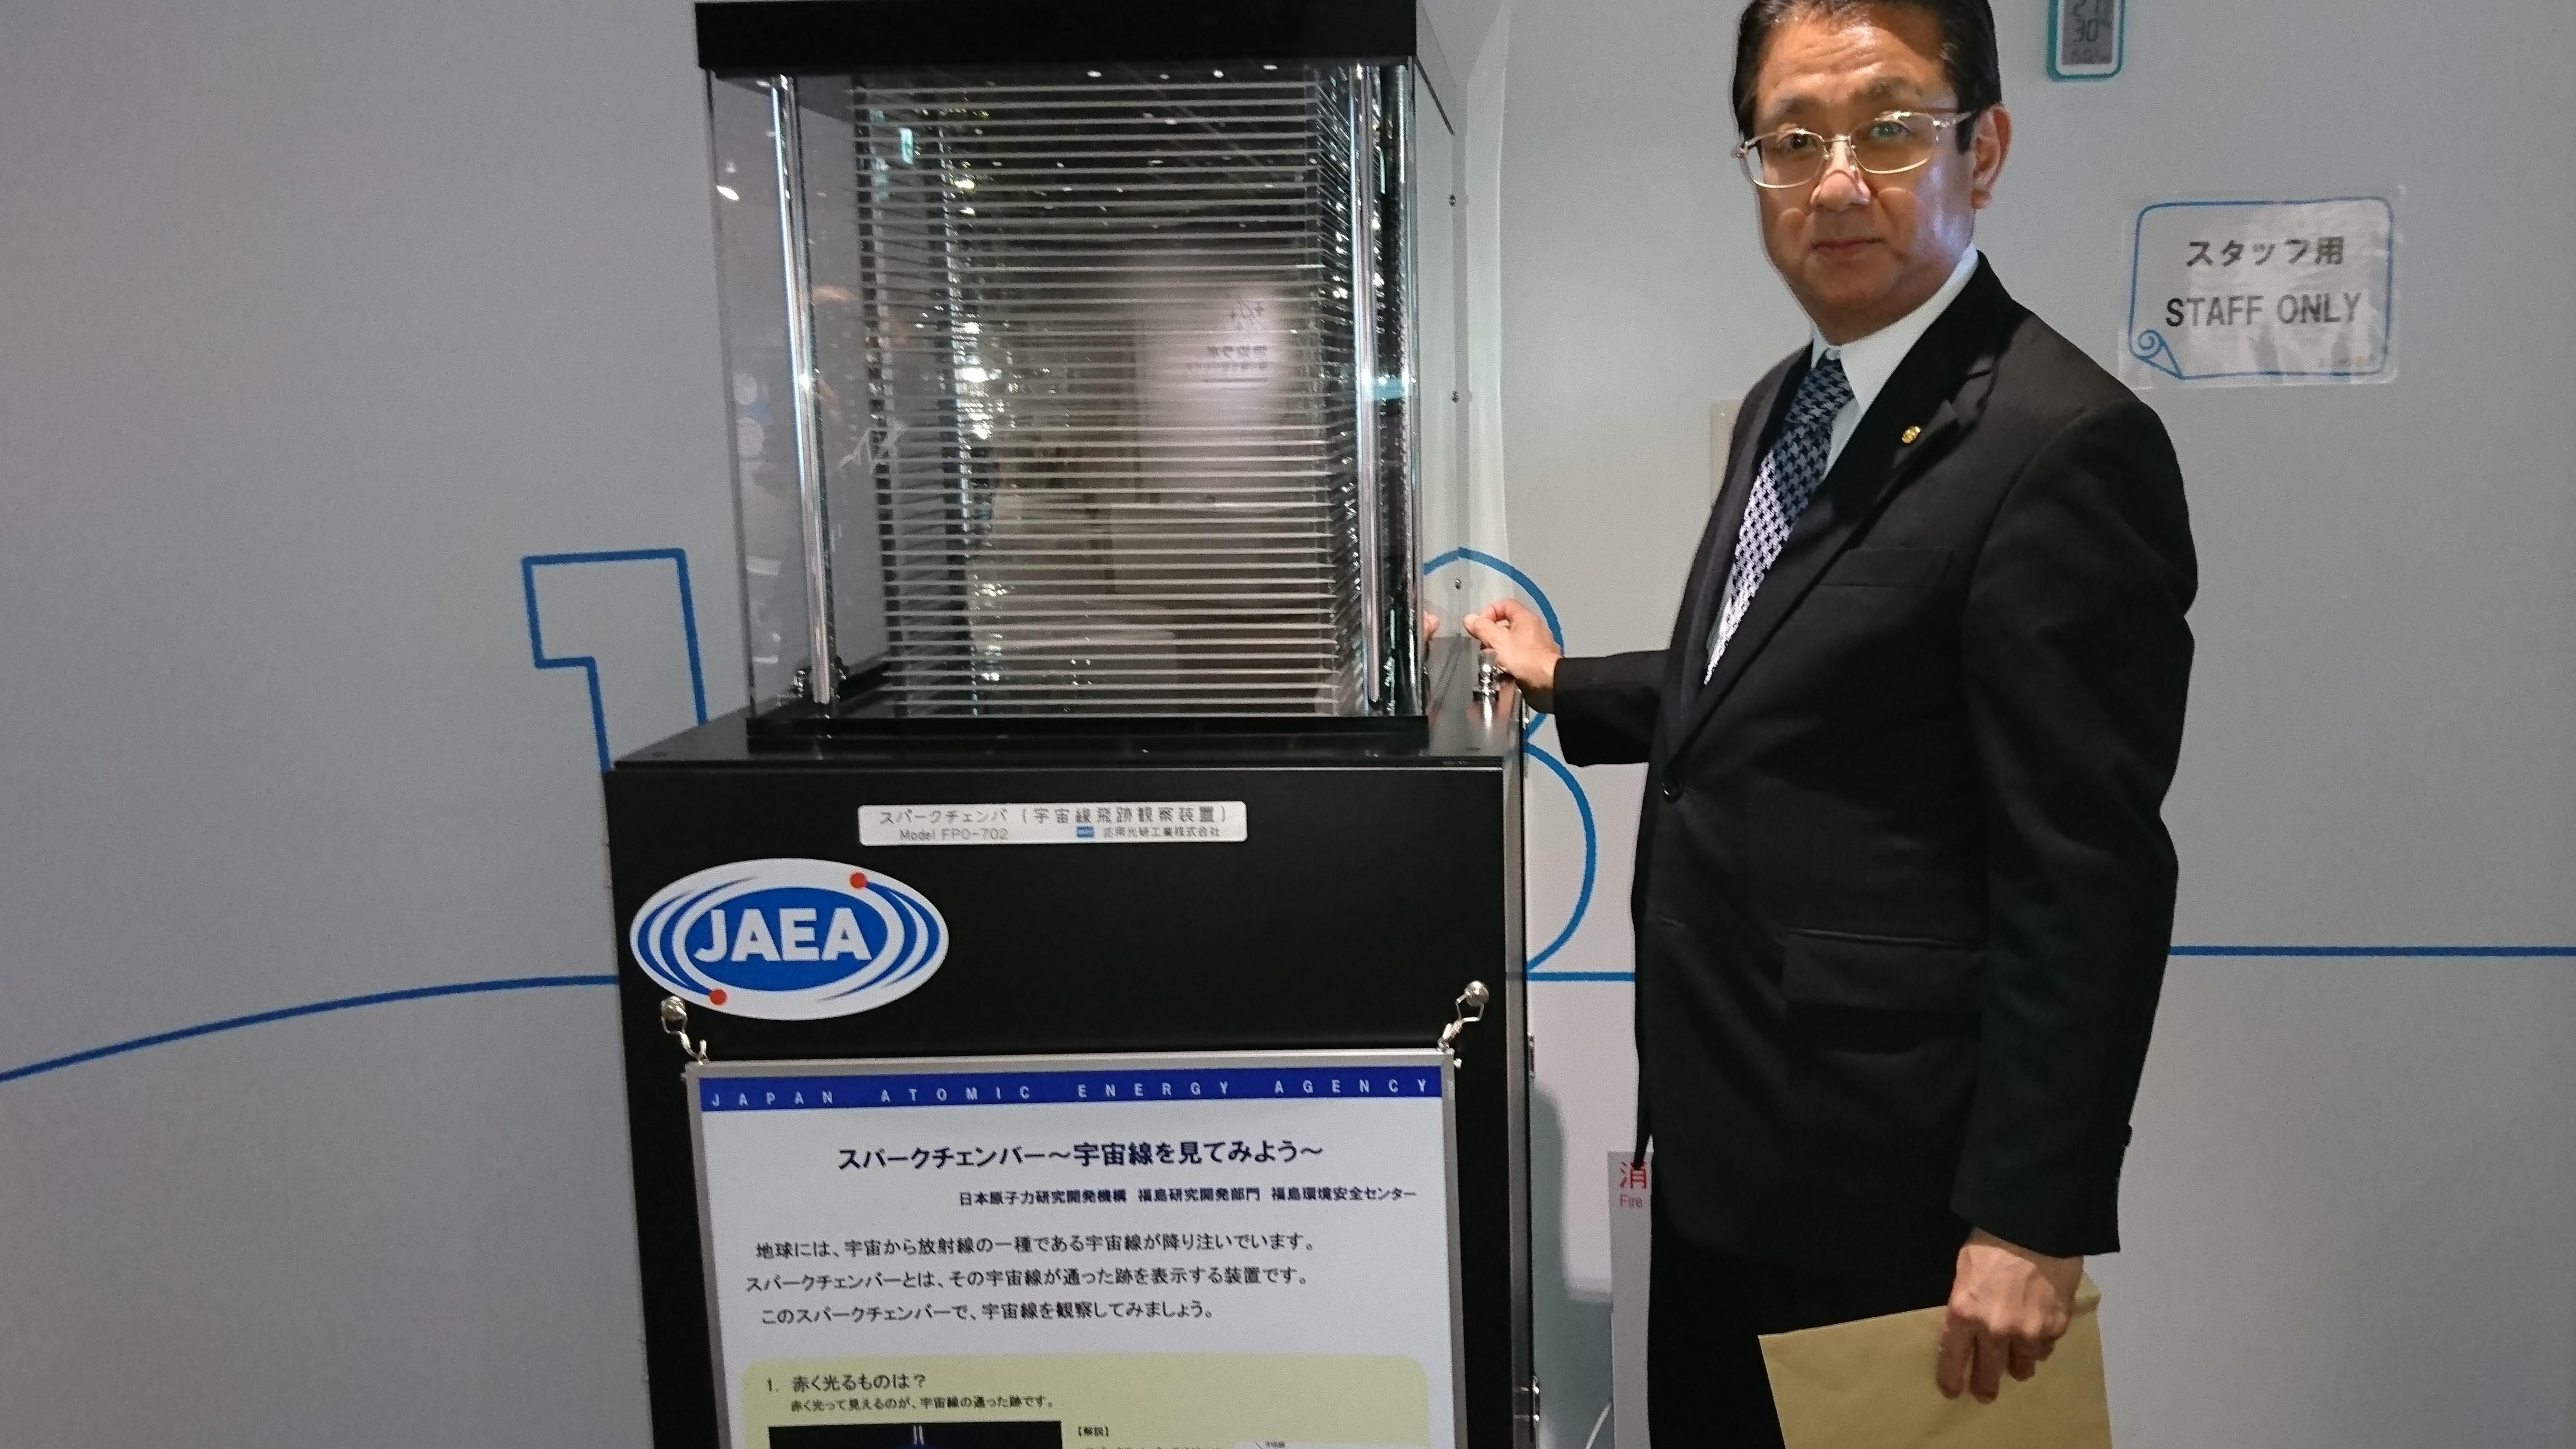 コミュタン福島 放射線などに関する「正確な情報を分かりやすく伝えることが大切」